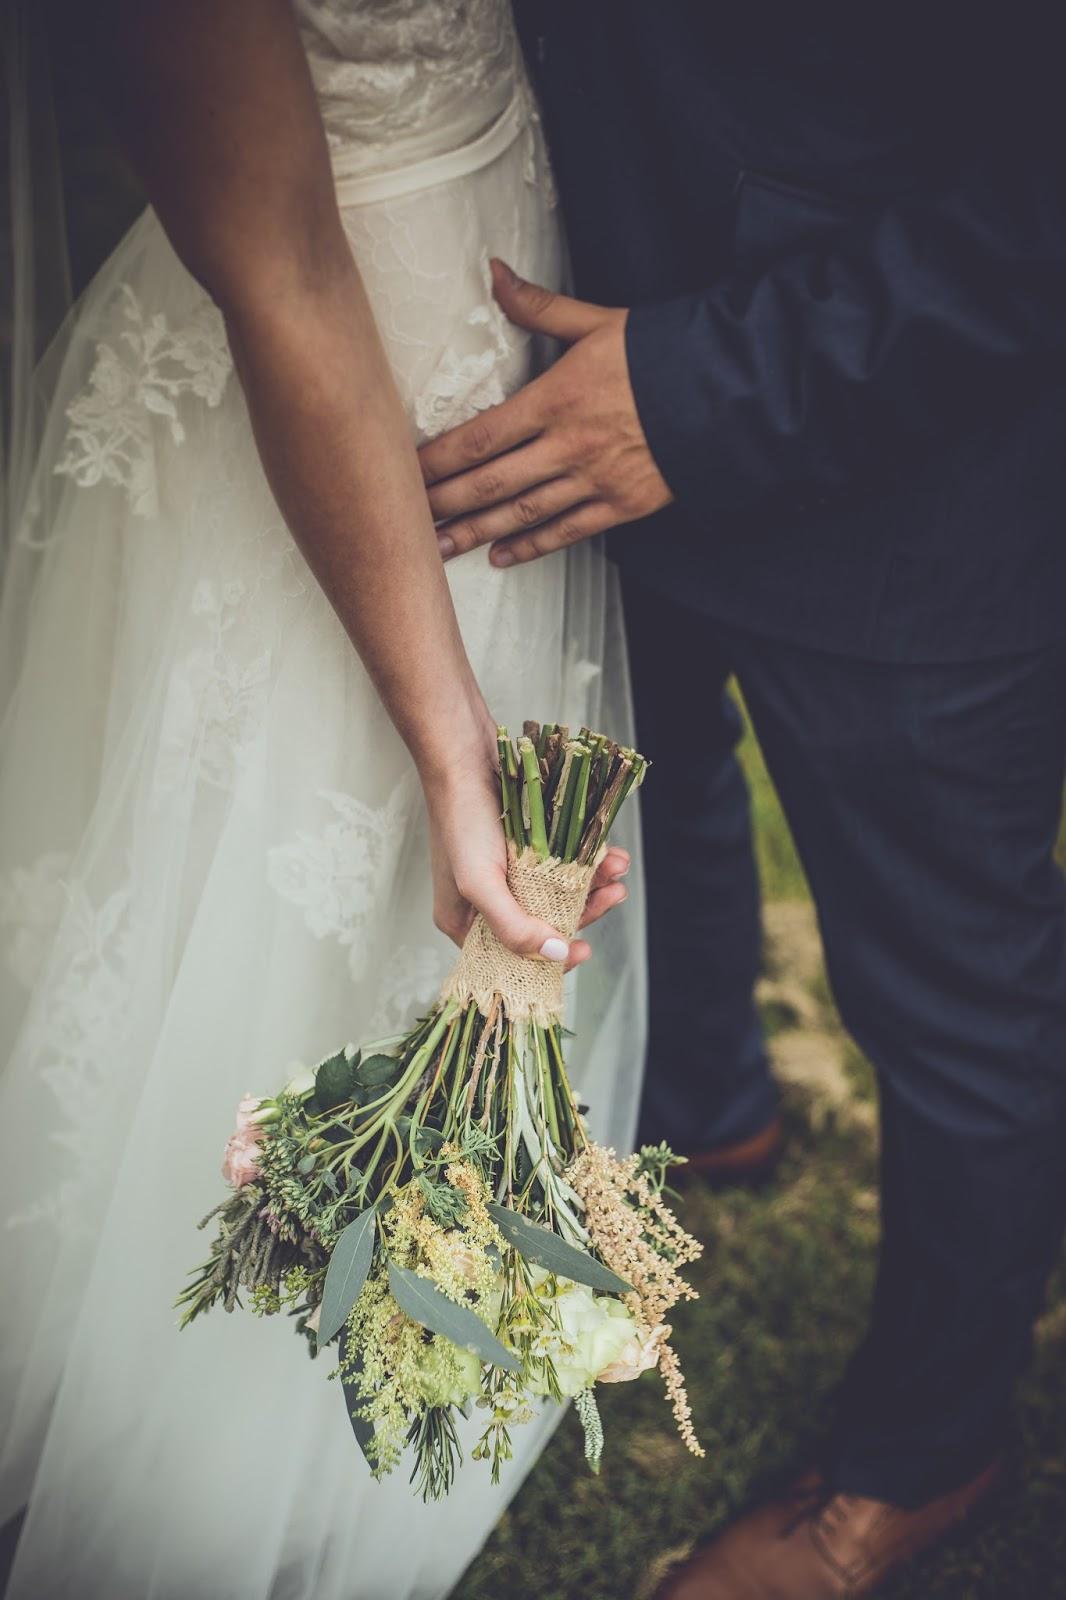 wianek, ślub w stylu rustykalnym, zaproszenia rustykalne, anna kara suknie ślubne